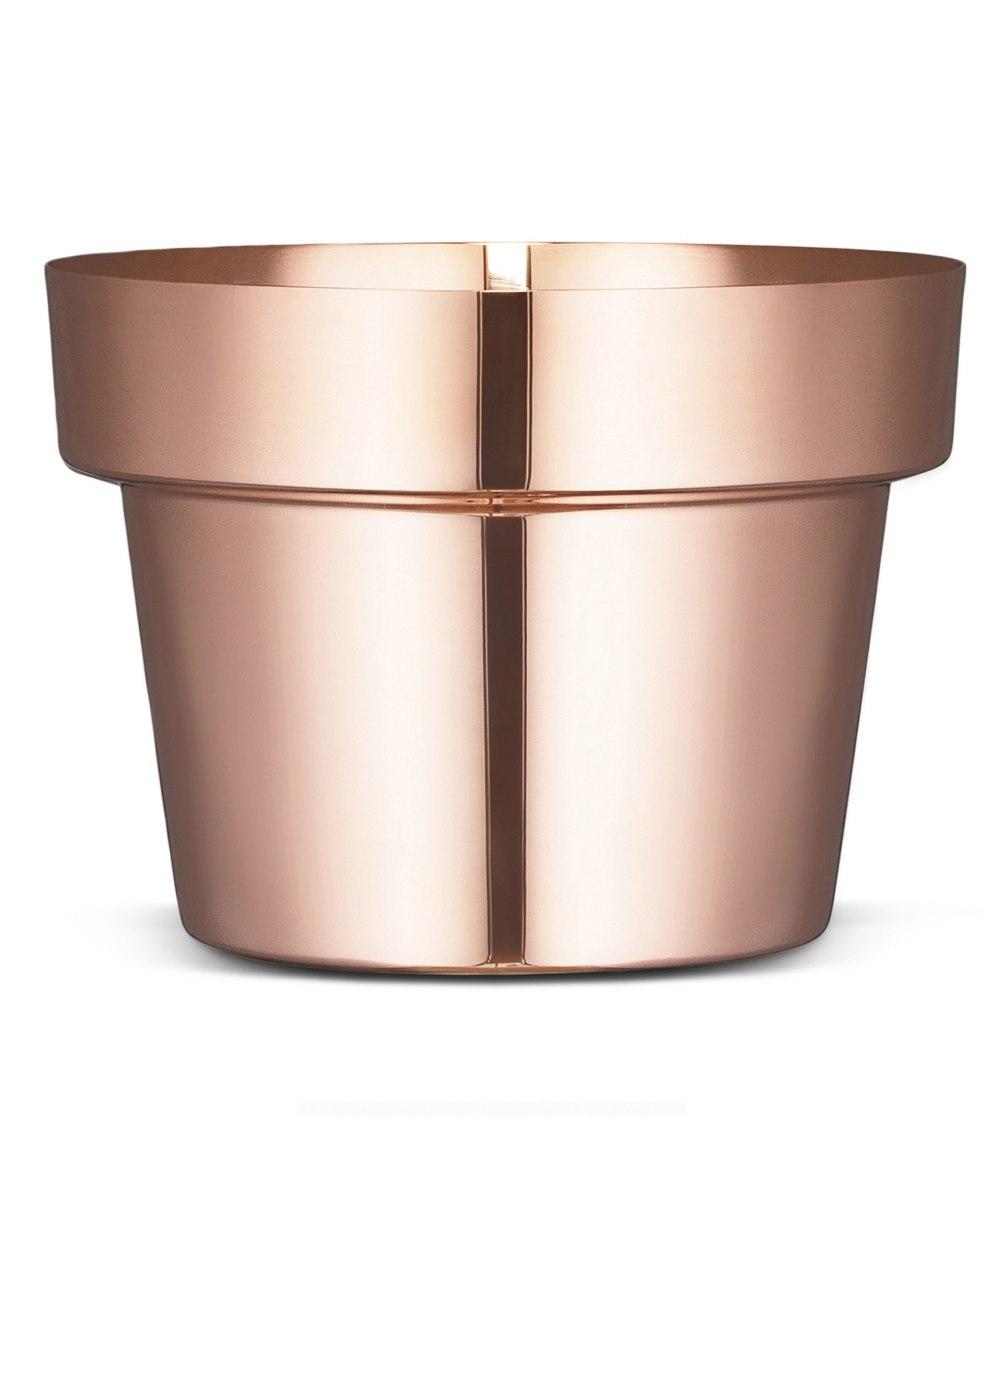 SKULTUNA Flower Pot Polished Copper Large DFE169069